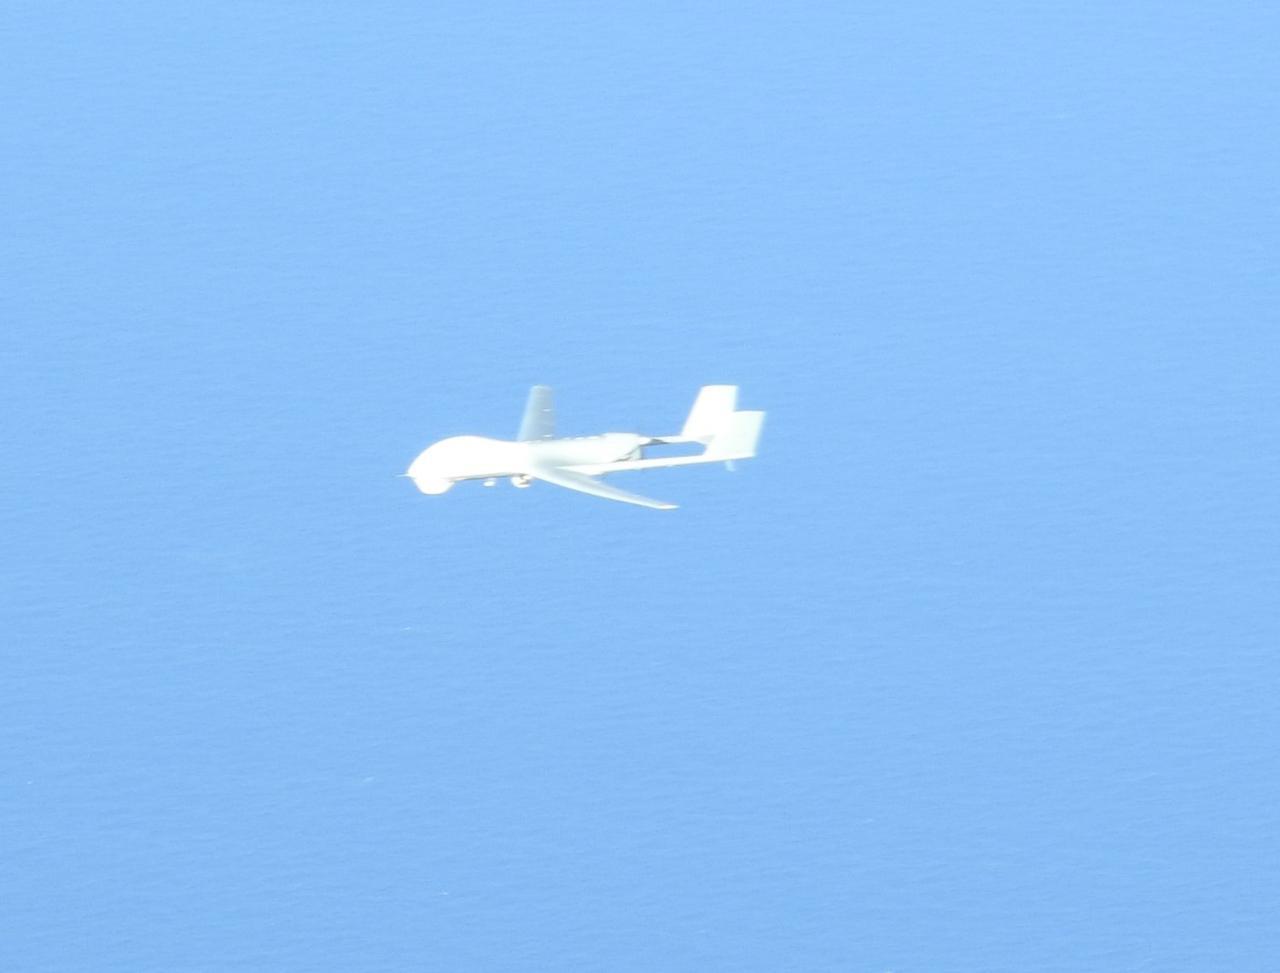 画像: 対象機(BZK-005)